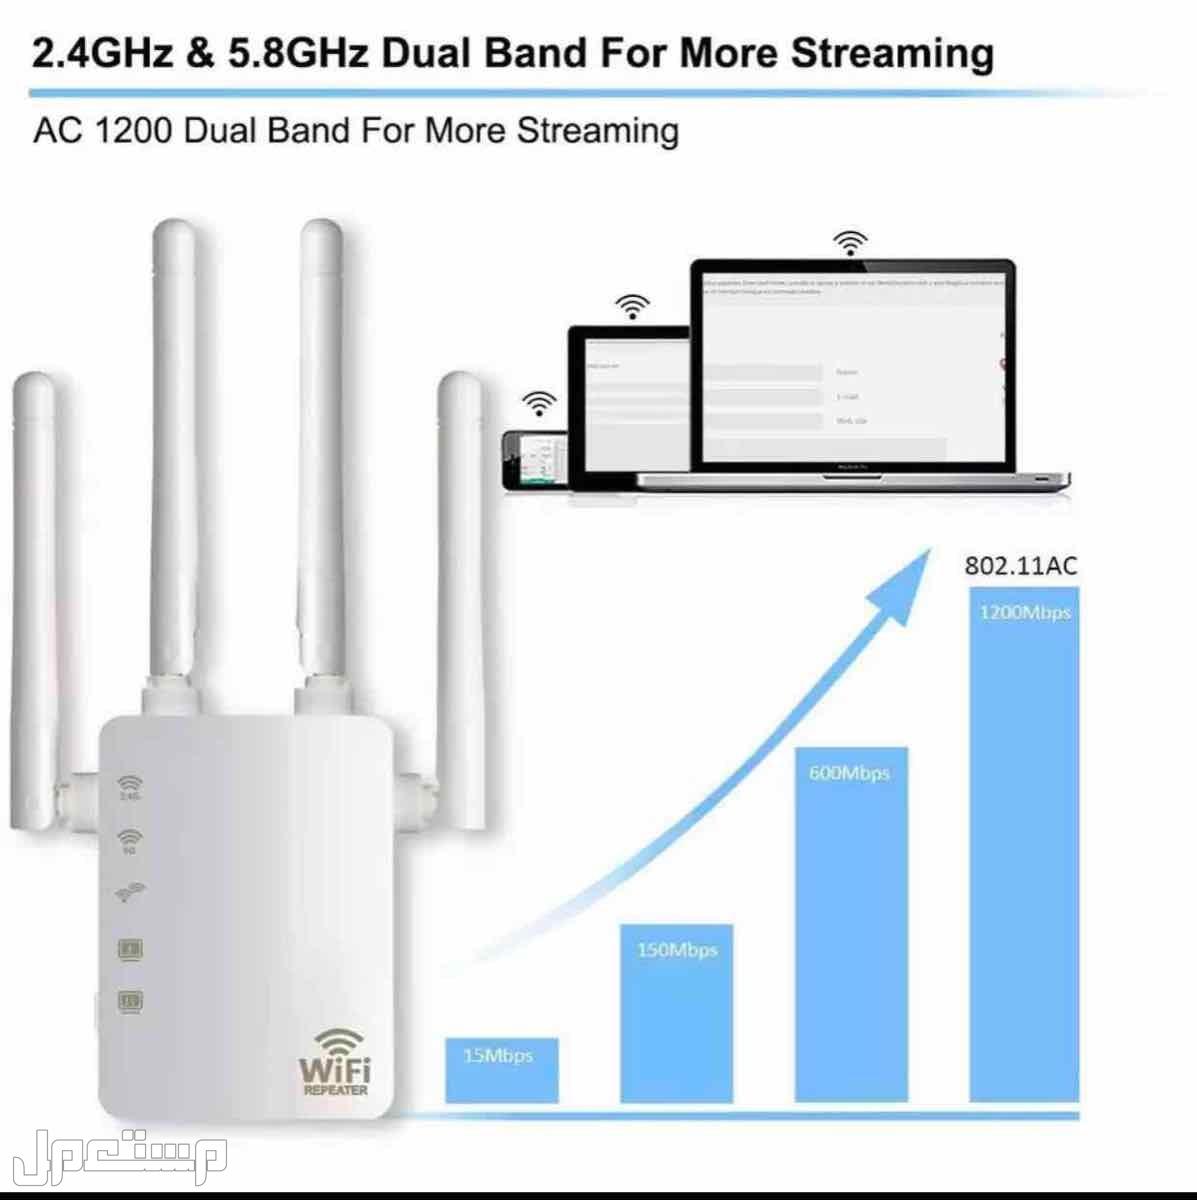 واي فاي تردد مزروج 5G+4G.2 سرعة الشبكه 1167